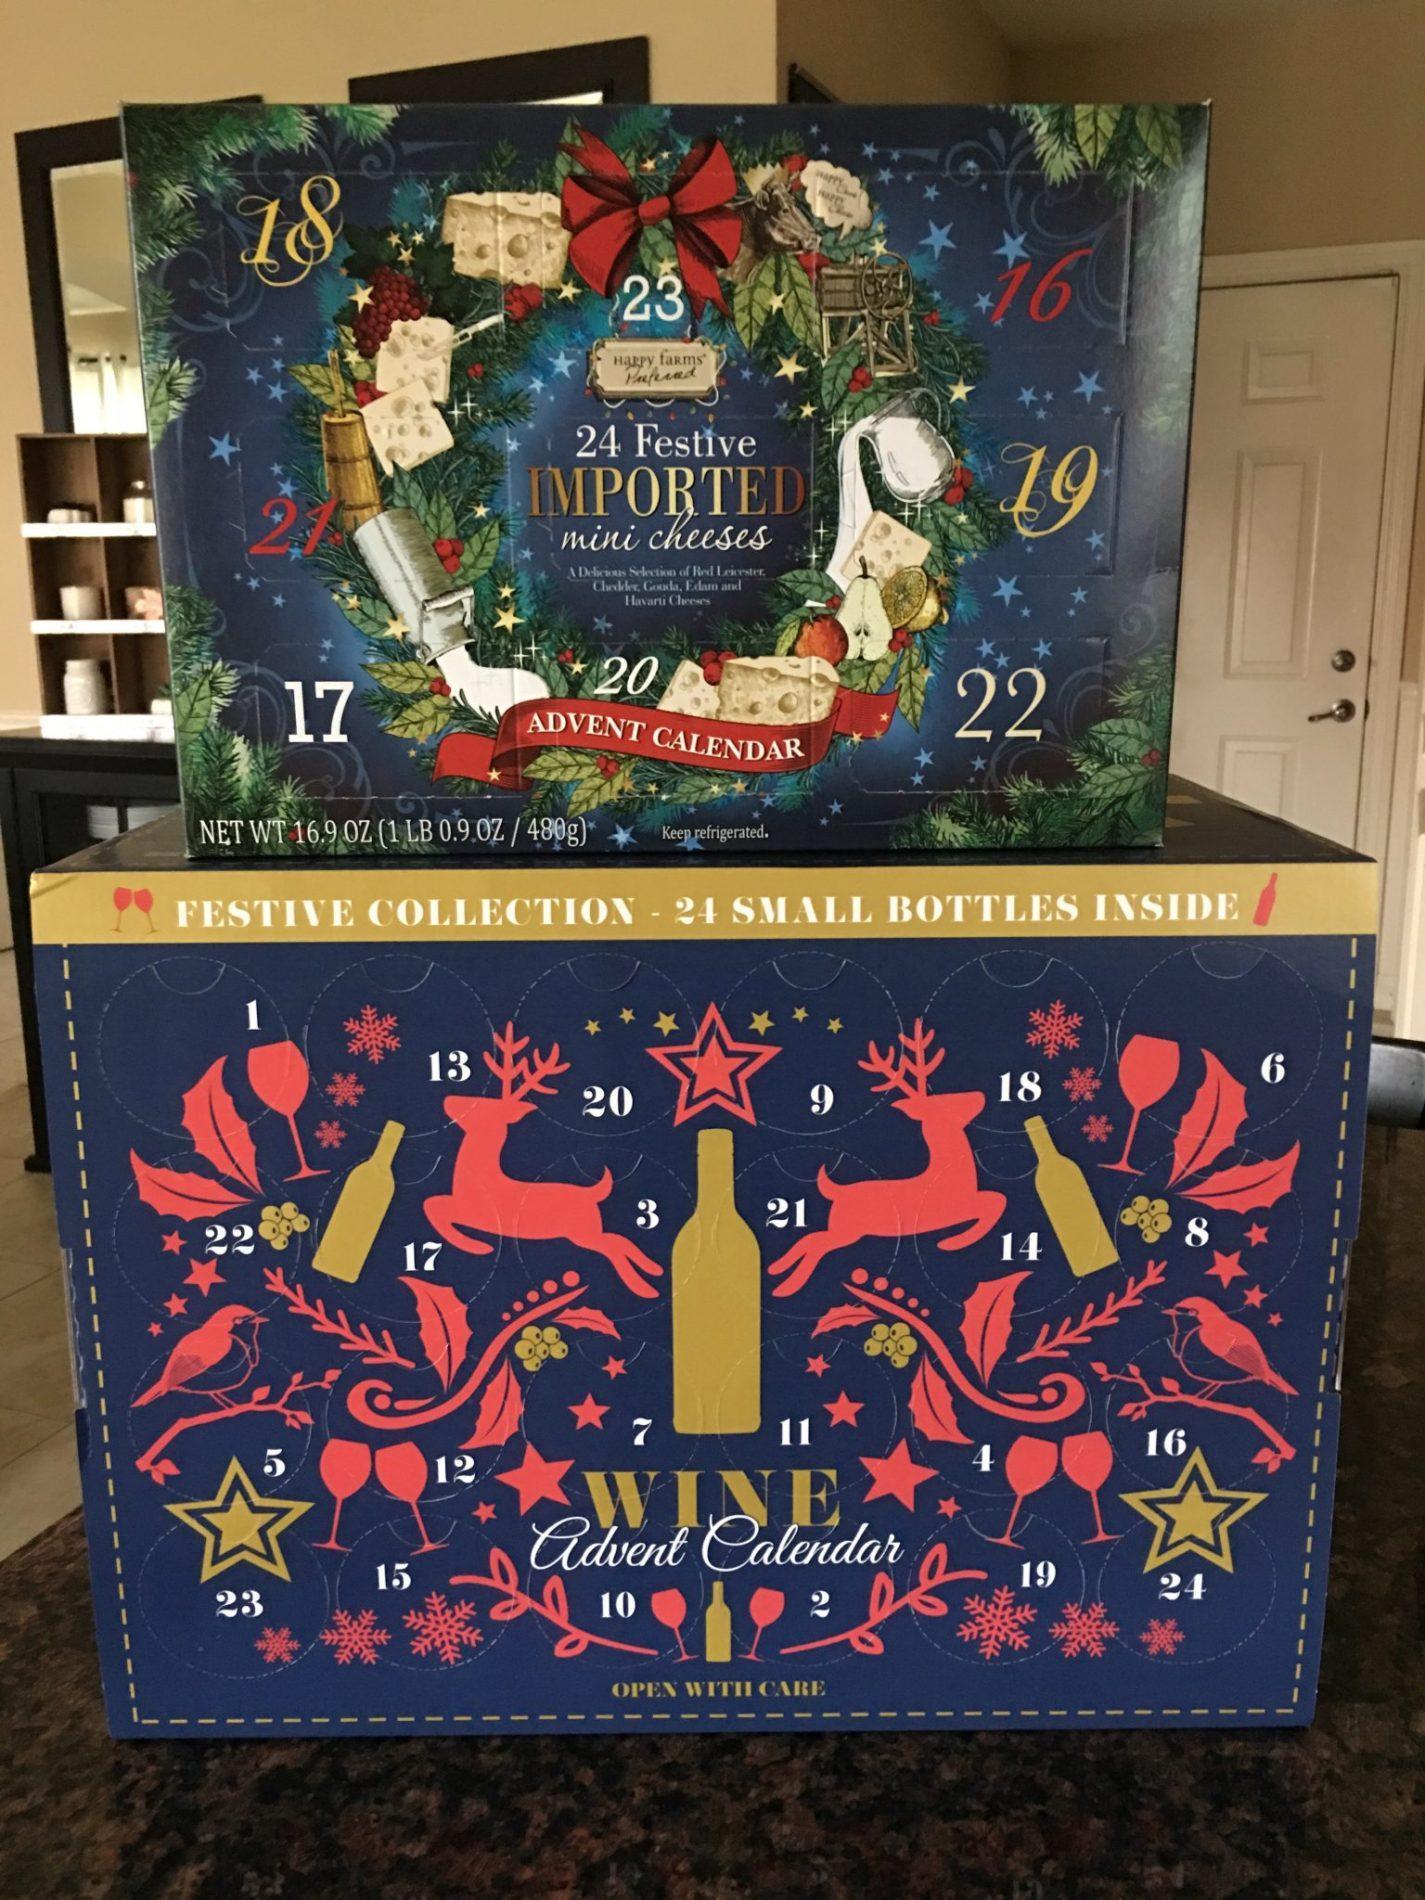 Aldi Cheese Advent Calendar.Aldi 2018 Wine Cheese Advent Calendars In Store Today